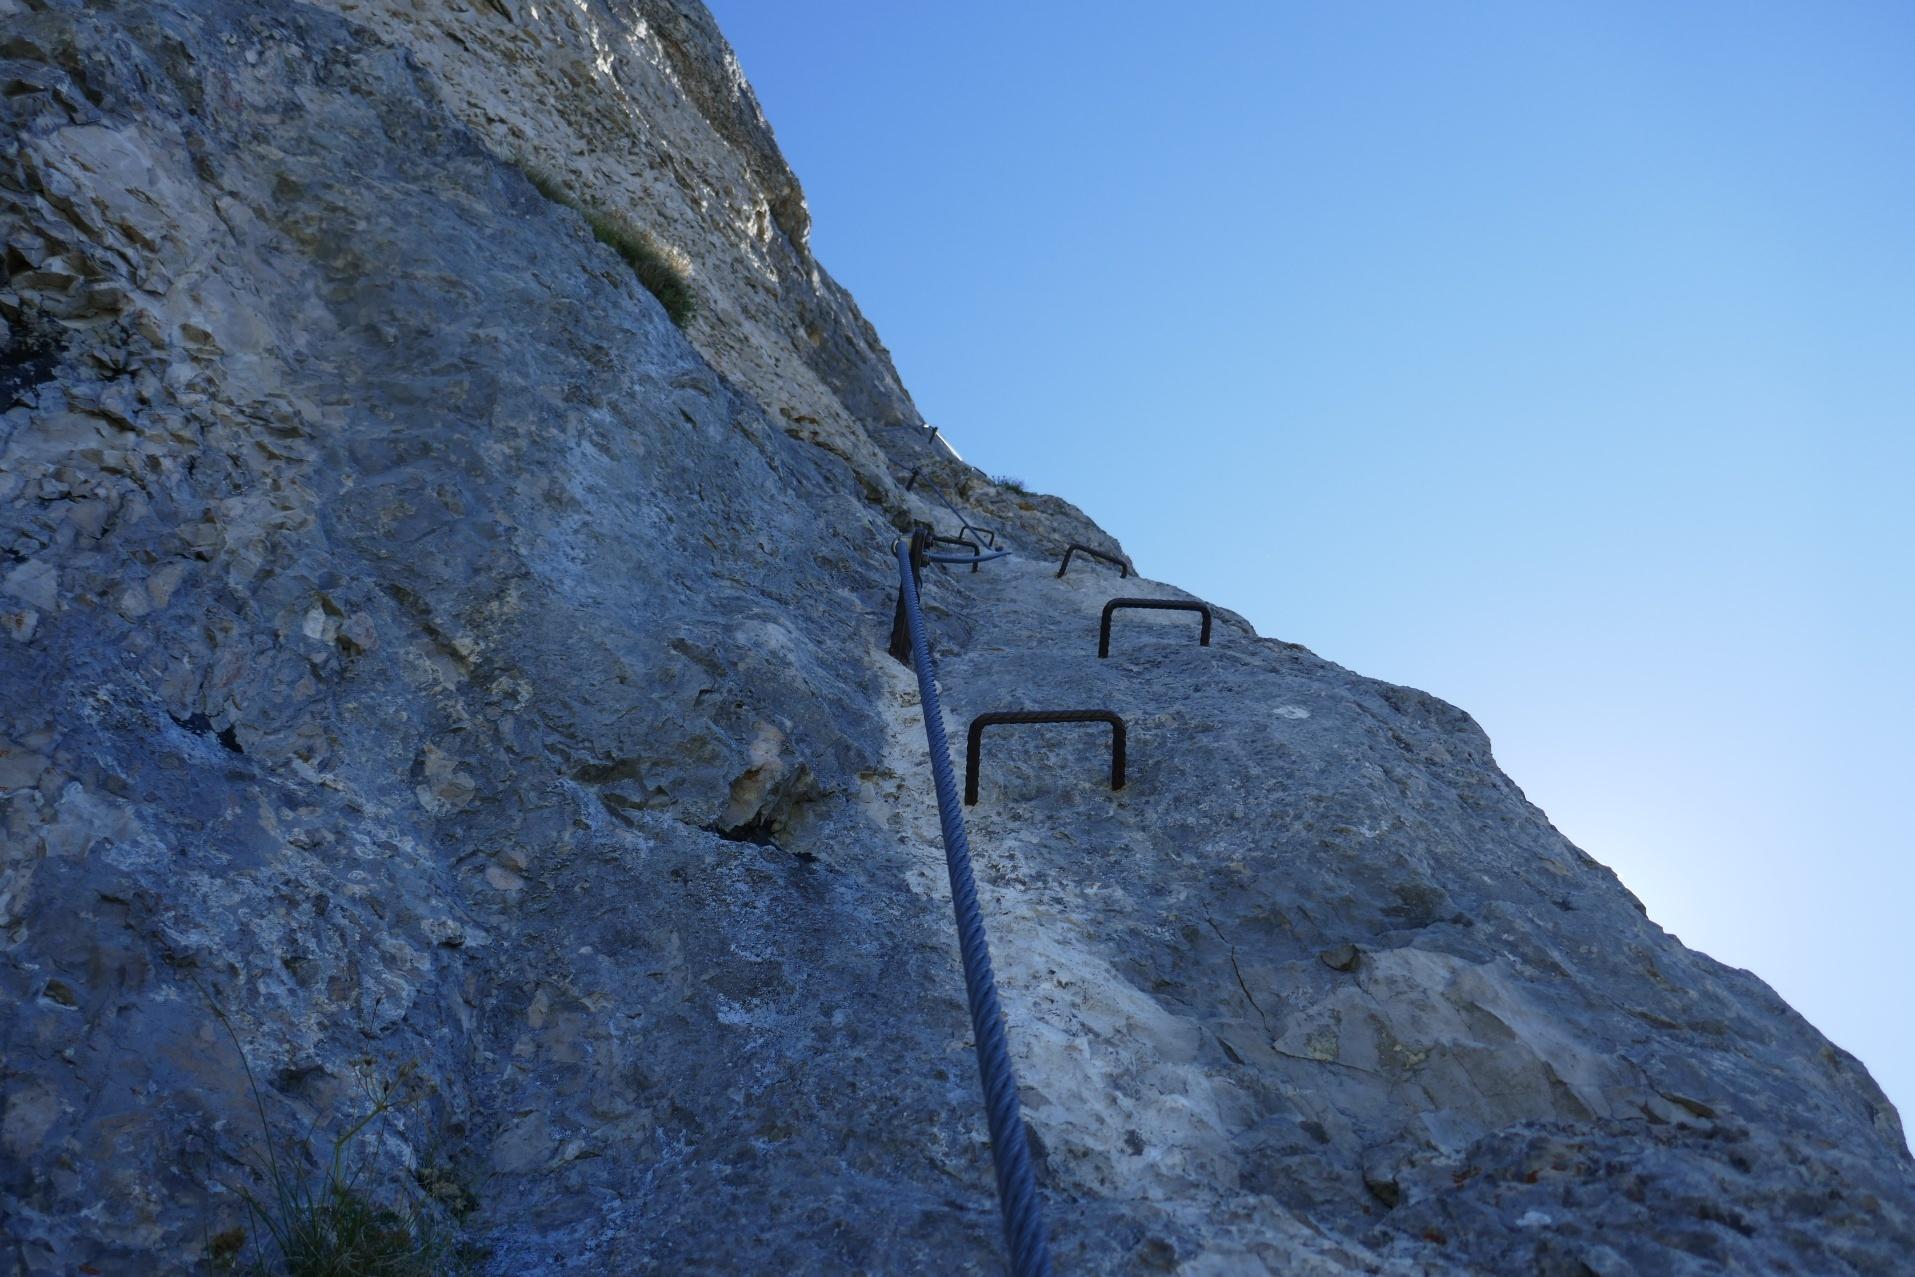 Klettersteig Loser : Loser klettersteig